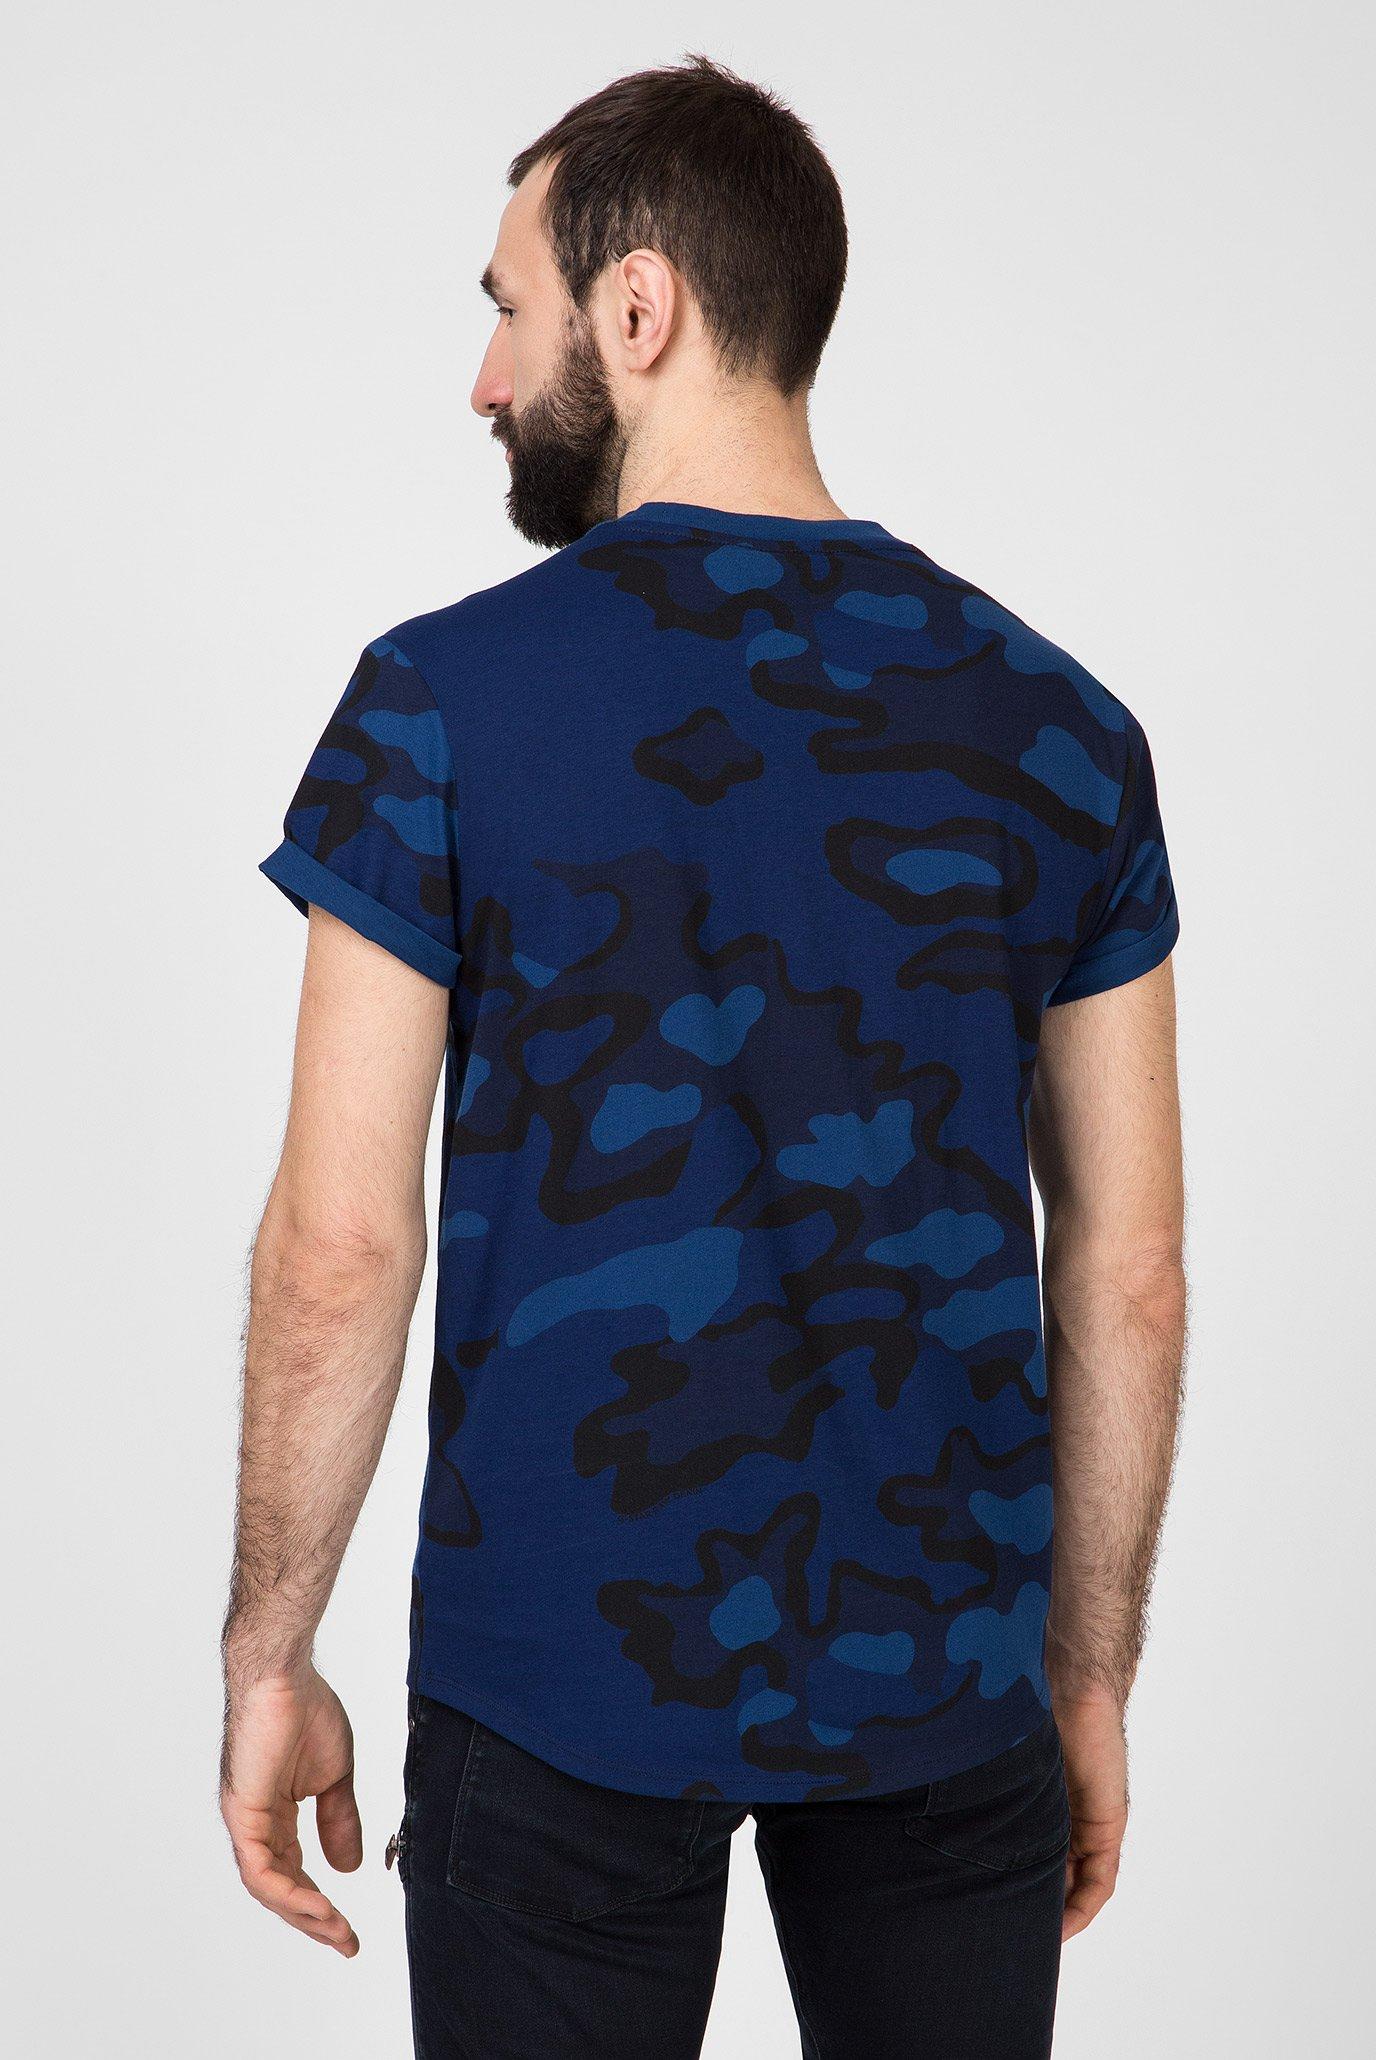 Мужская синяя камуфляжная футболка Shelo G-Star RAW